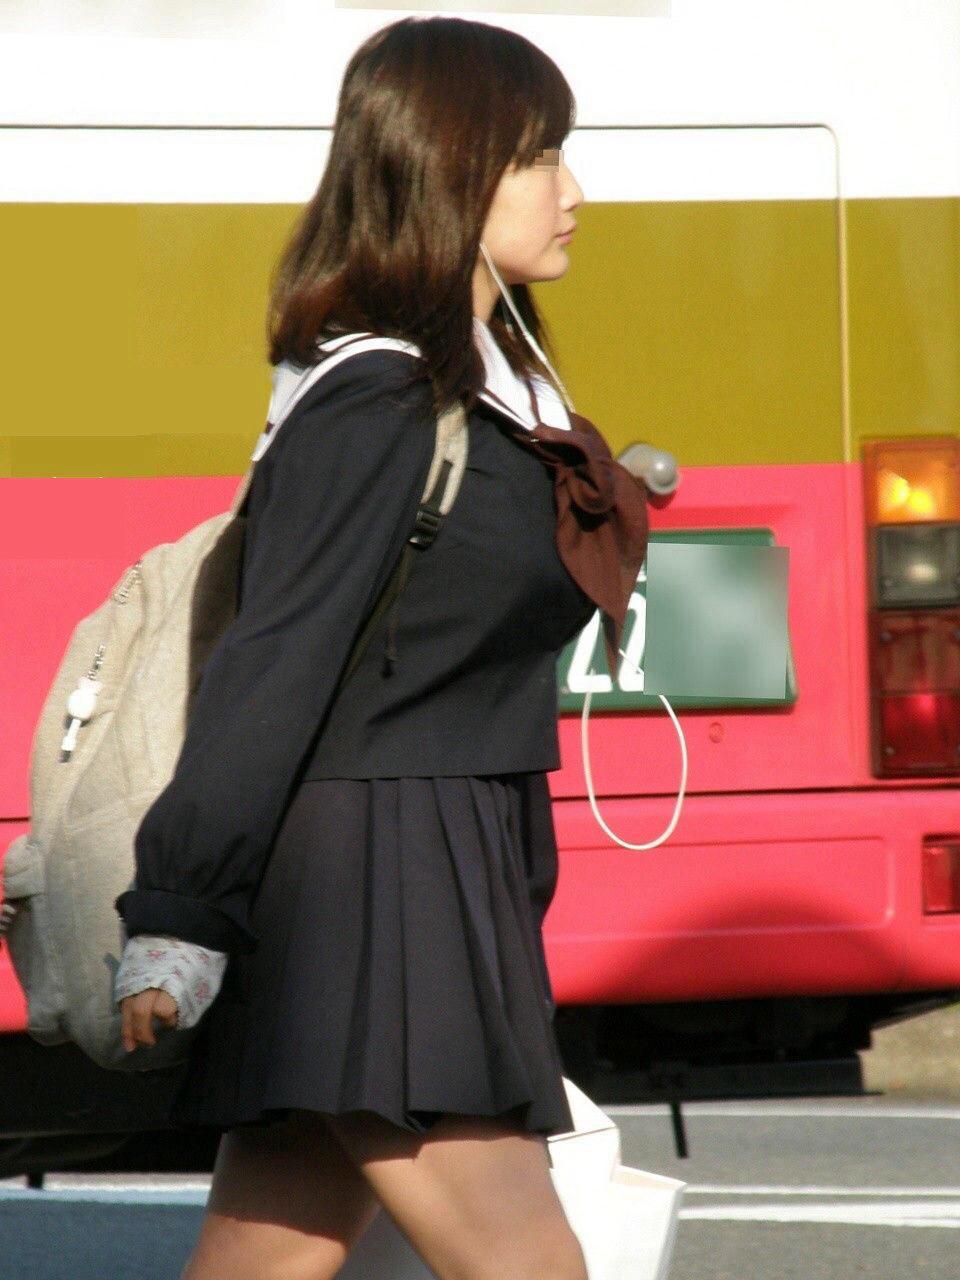 JK_着衣巨乳_おっぱい_制服_エロ画像_04